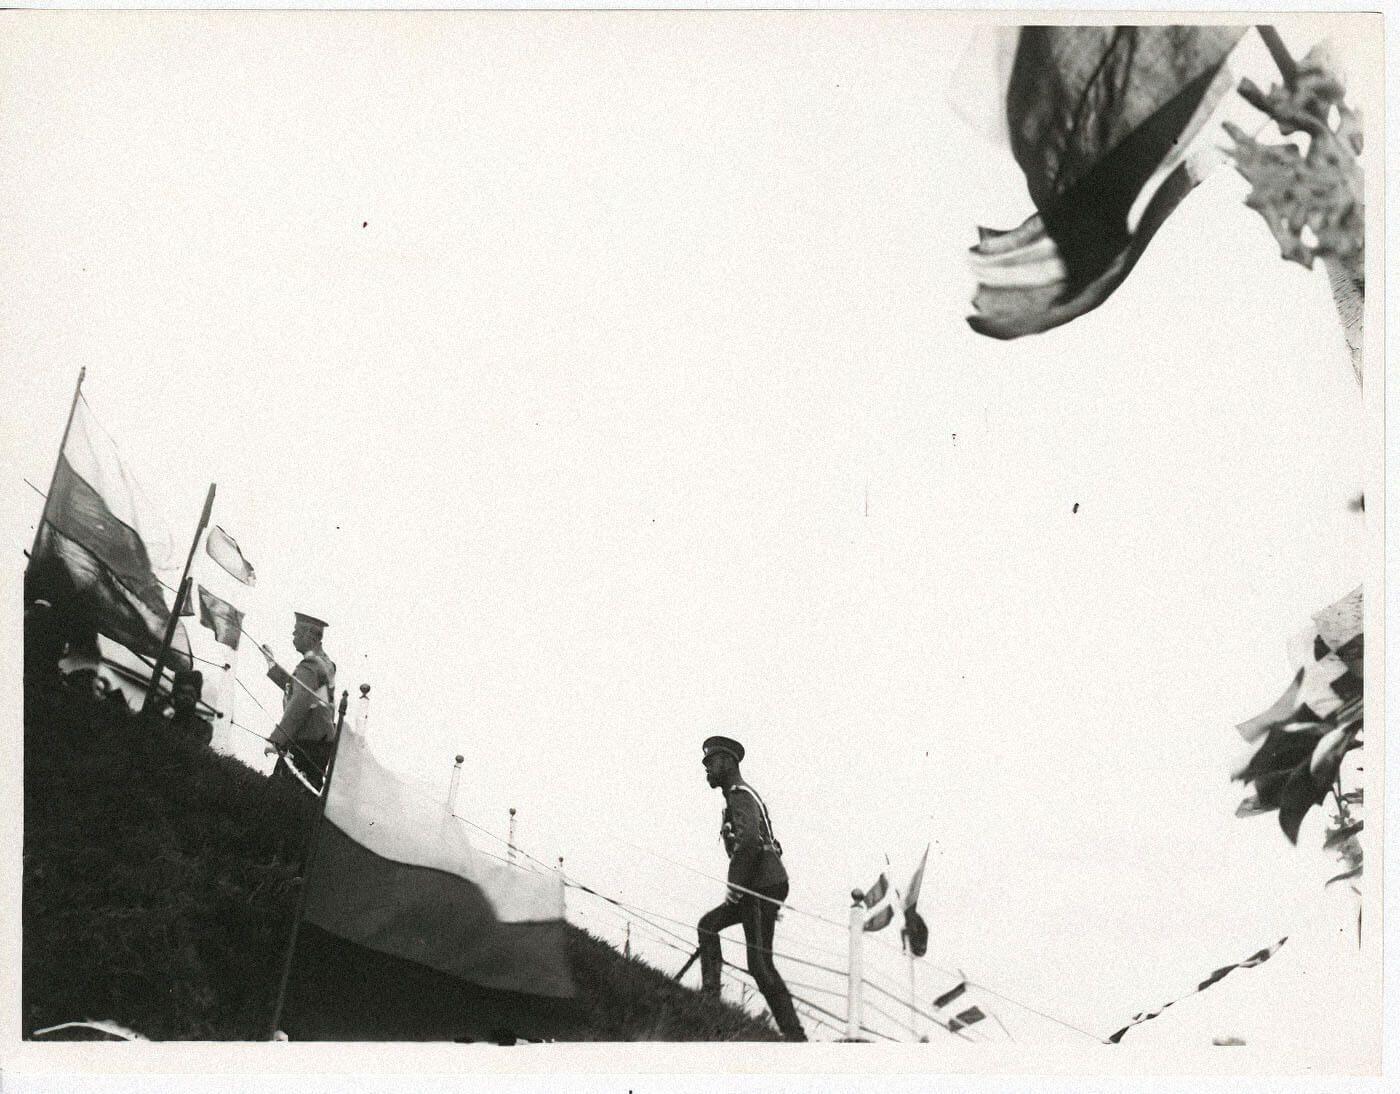 Николай IIподнимается наЦарский валик, расположенный наполе вКрасном Селе, где проводились смотры ипарады. Фото: Карл Булла, 1910, russiainphoto.ru